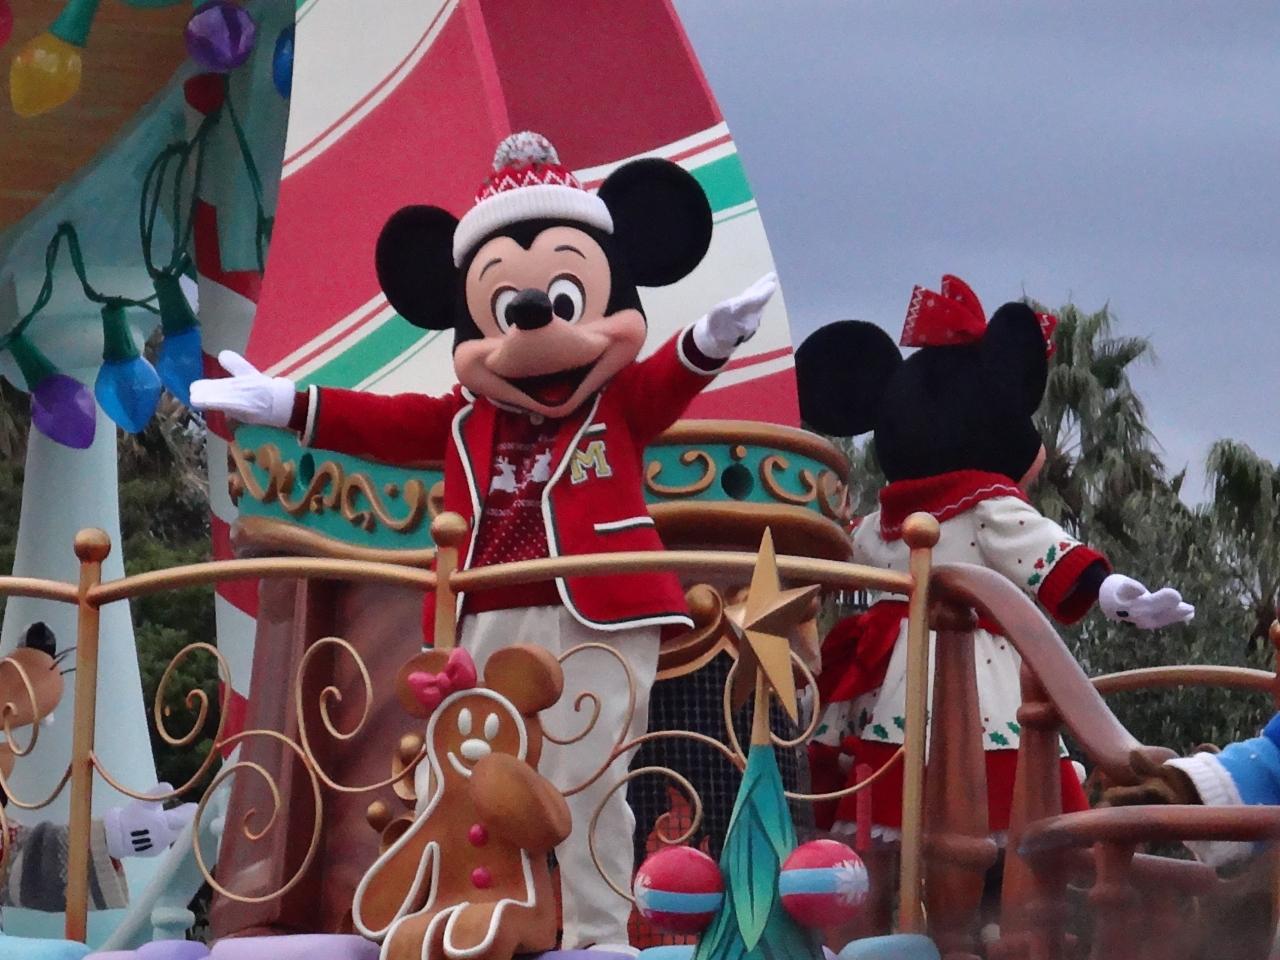 2015 東京ディズニーランド クリスマス・ファンタジー newスペシャル